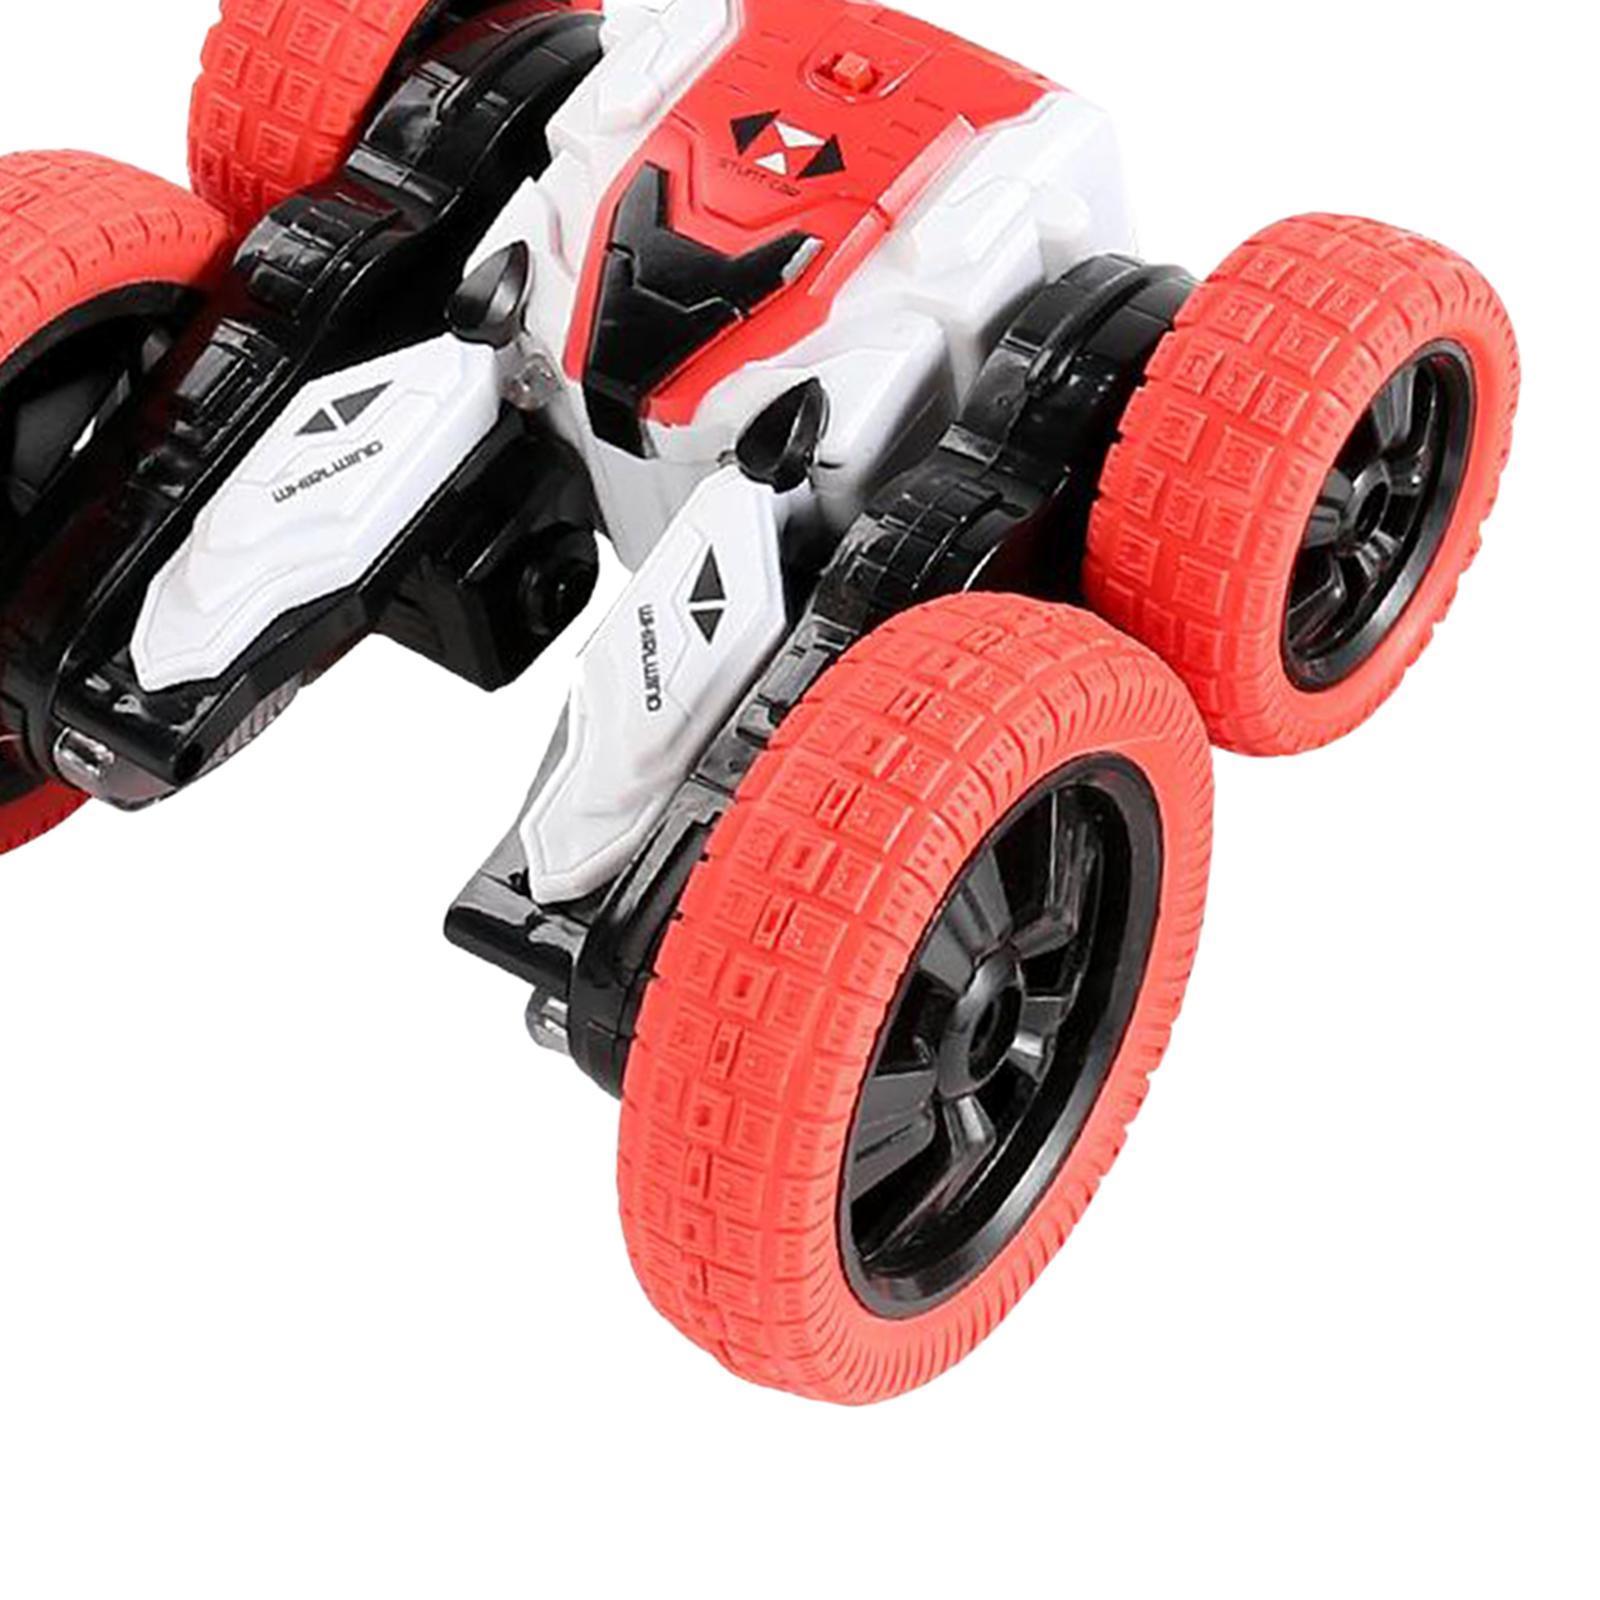 miniatura 34 - Telecomando Auto Stunt Car Giocattolo Per Bambini 2.4GHz di Controllo Remoto